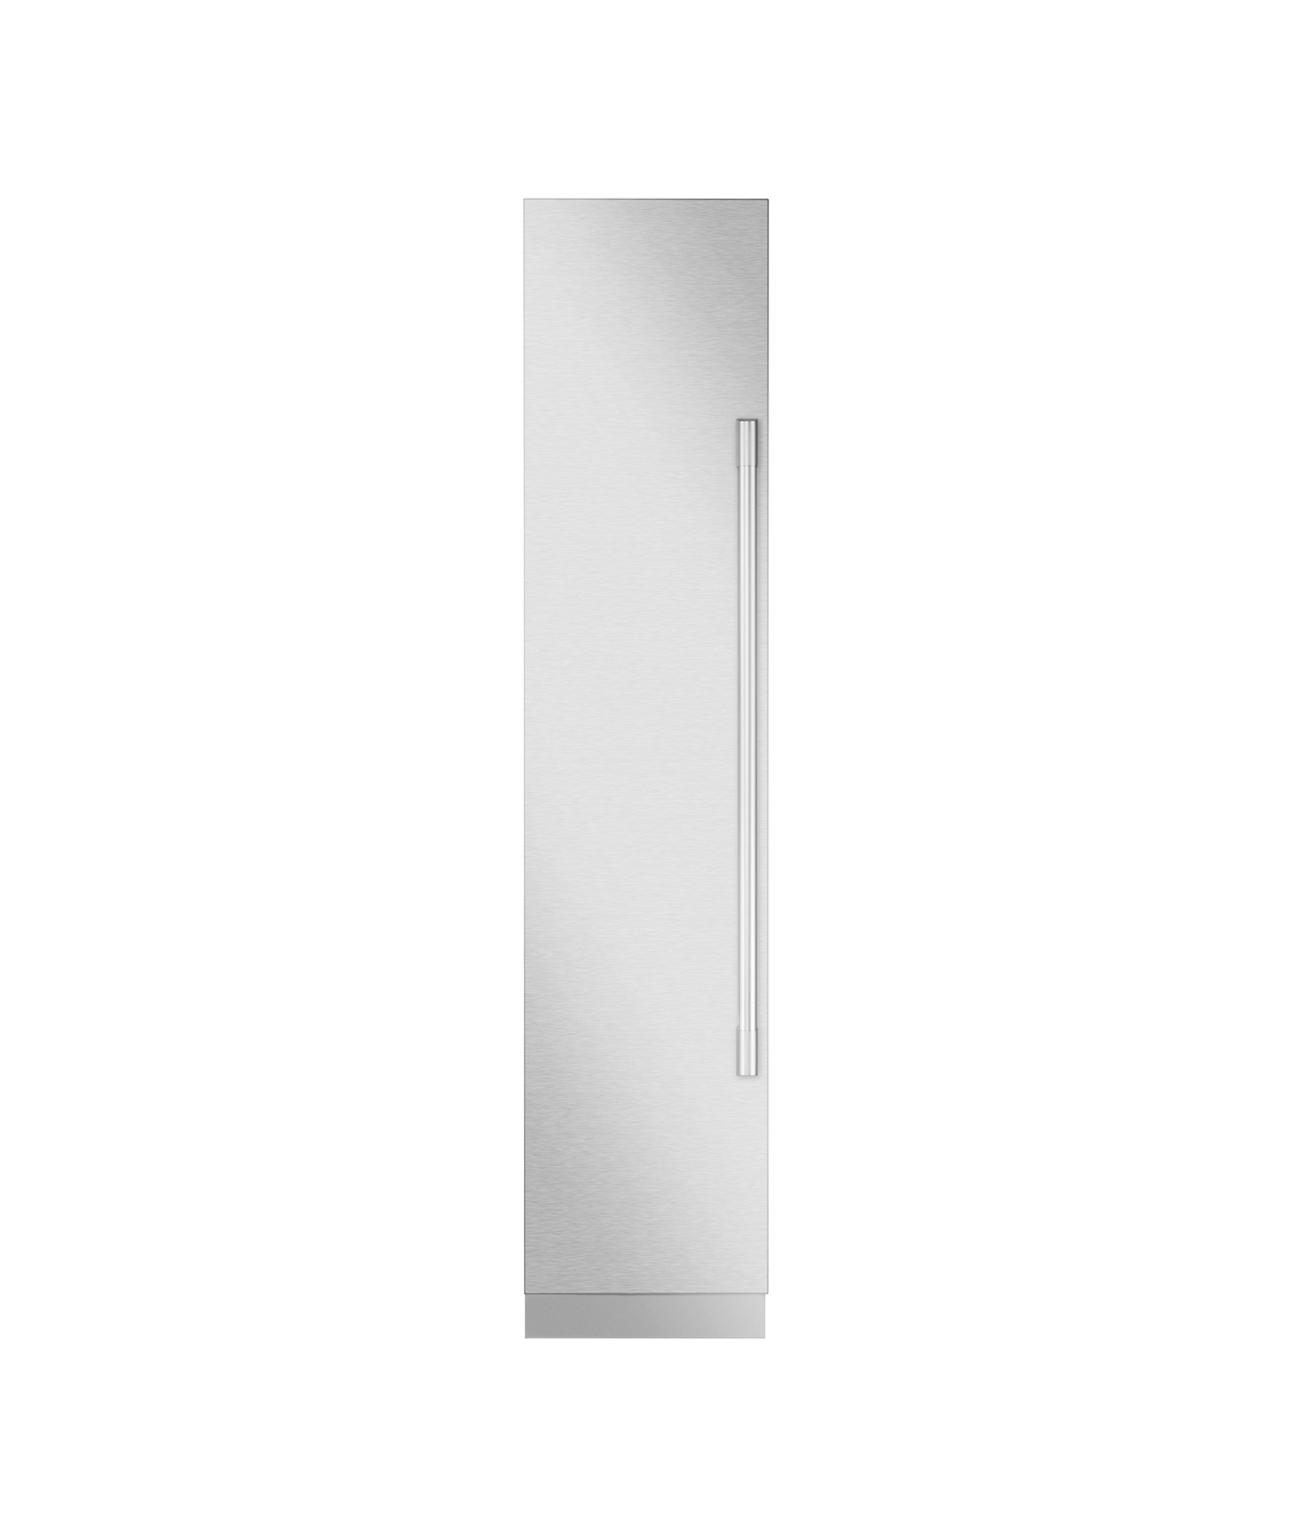 Colonne de congélation intégrée de 46cm (18po) | Signature Kitchen Suite